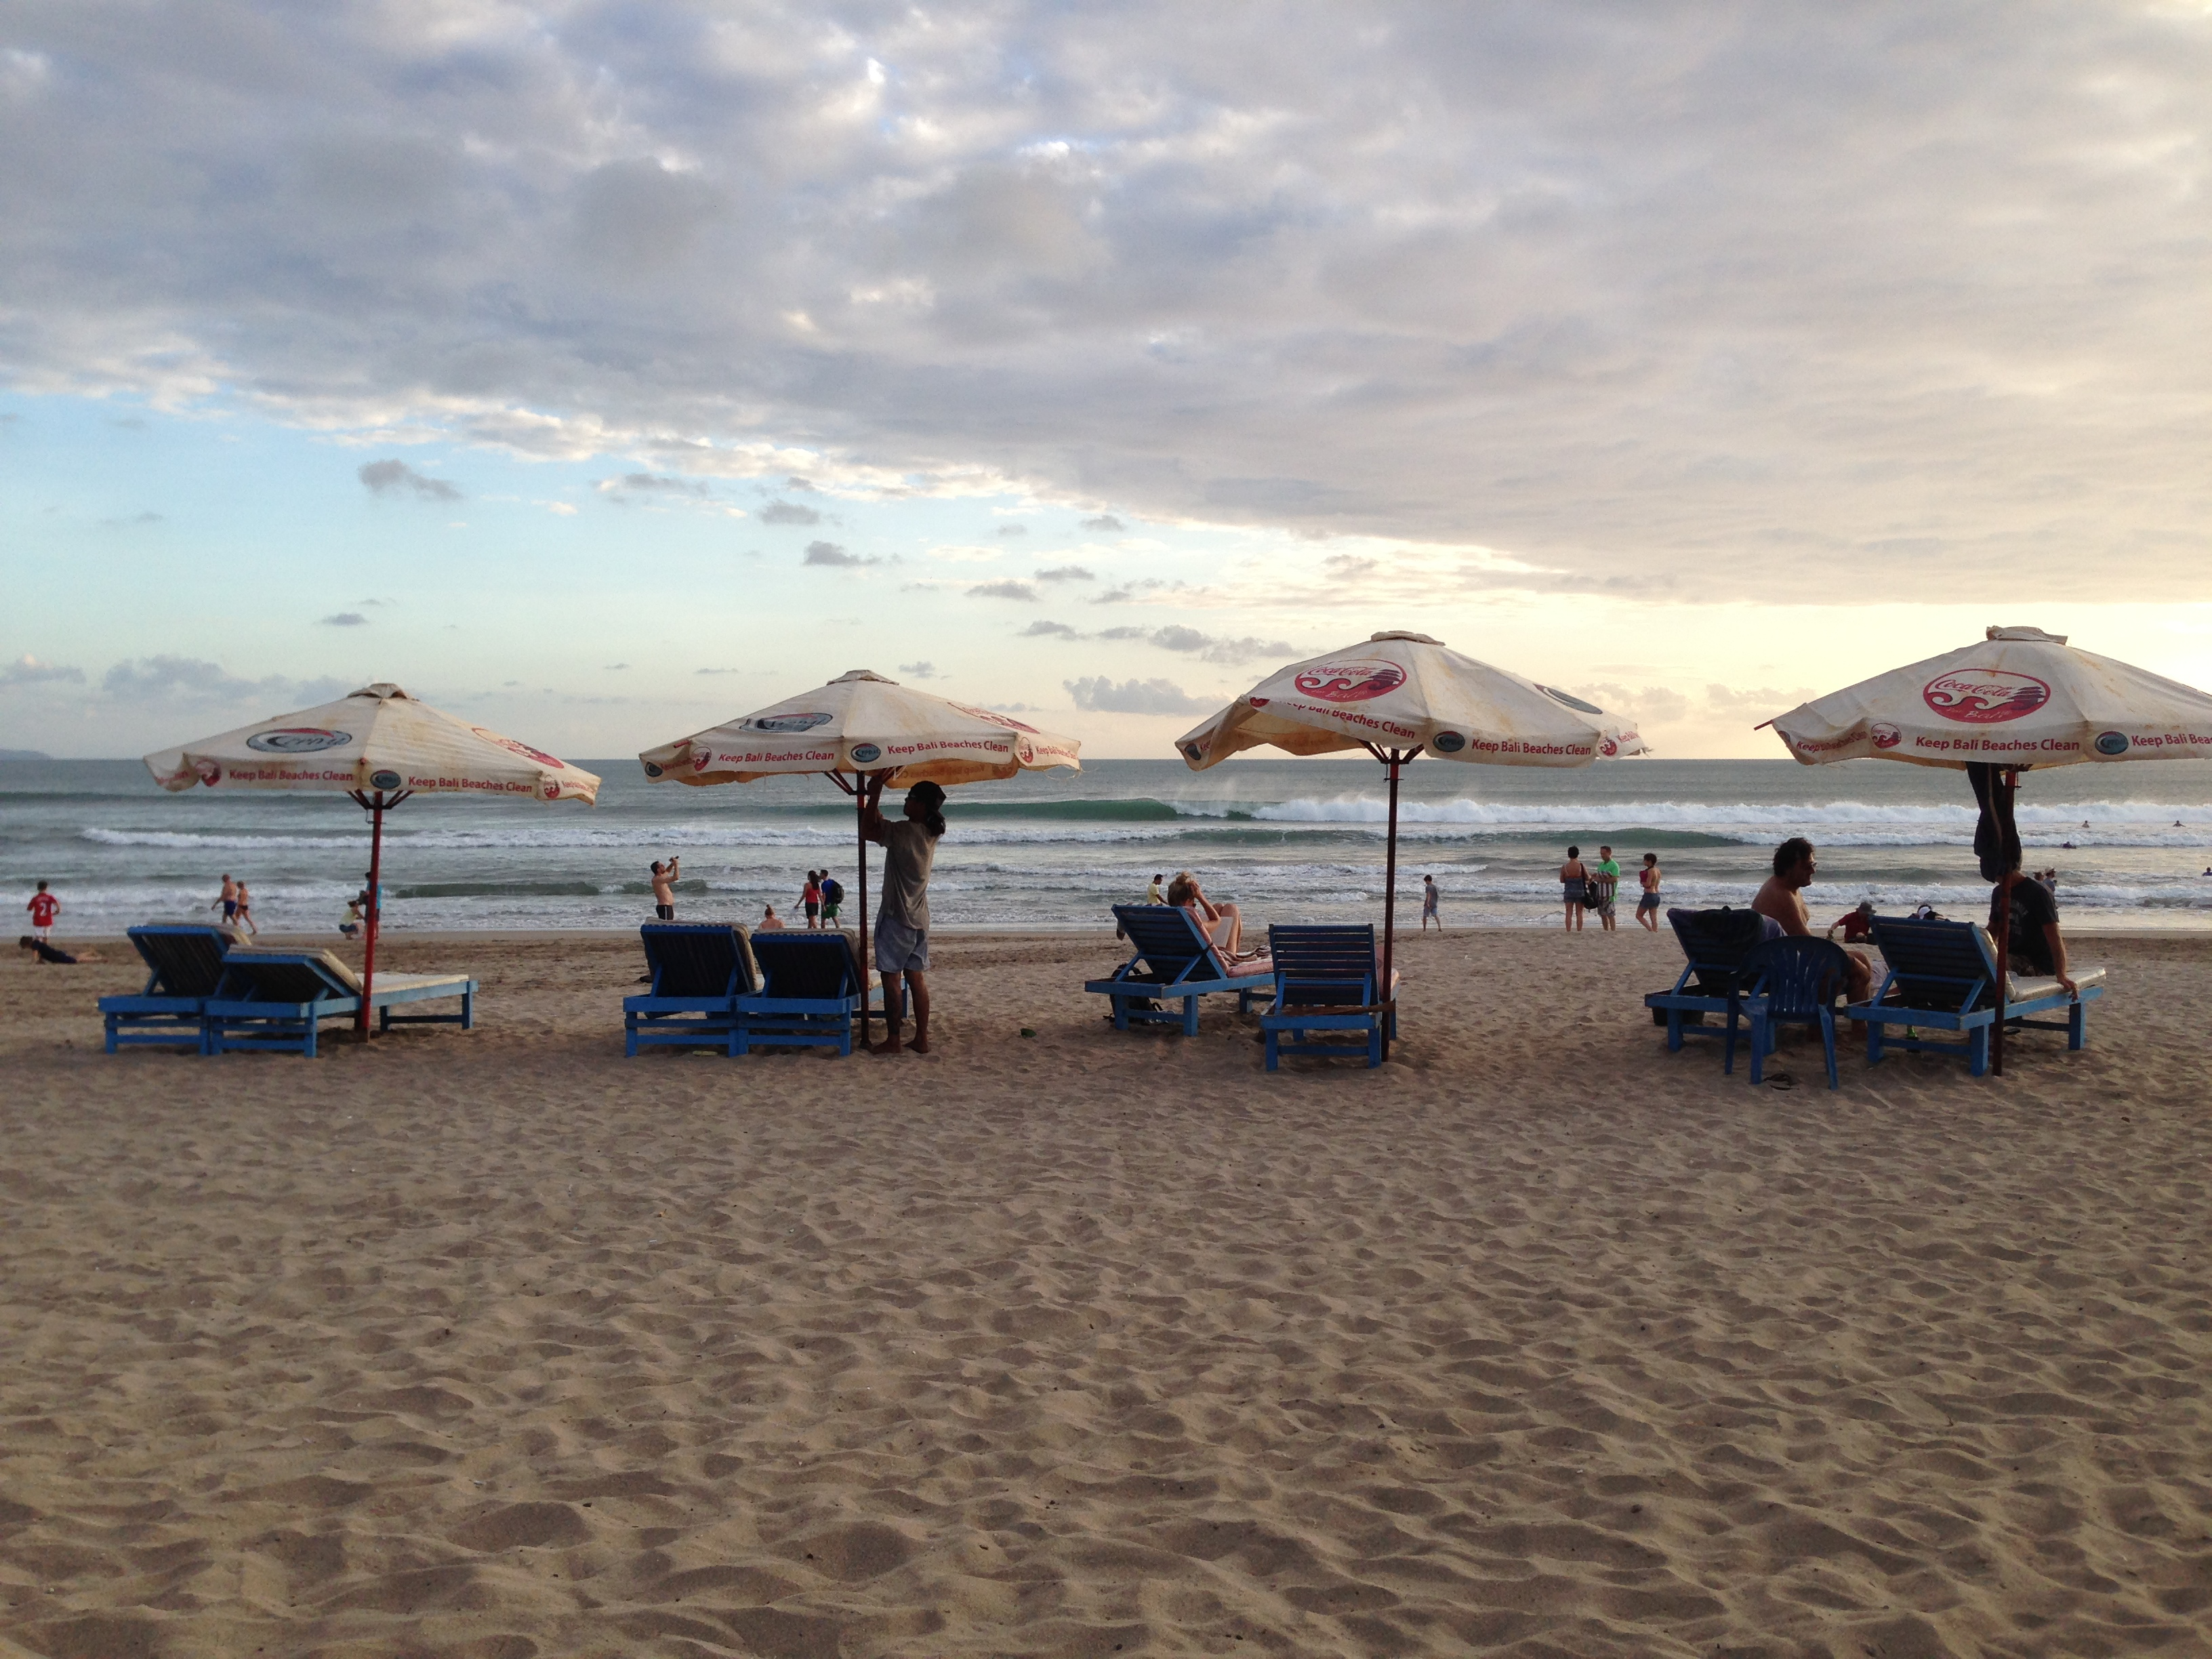 Bali Kuta Beach Chairs